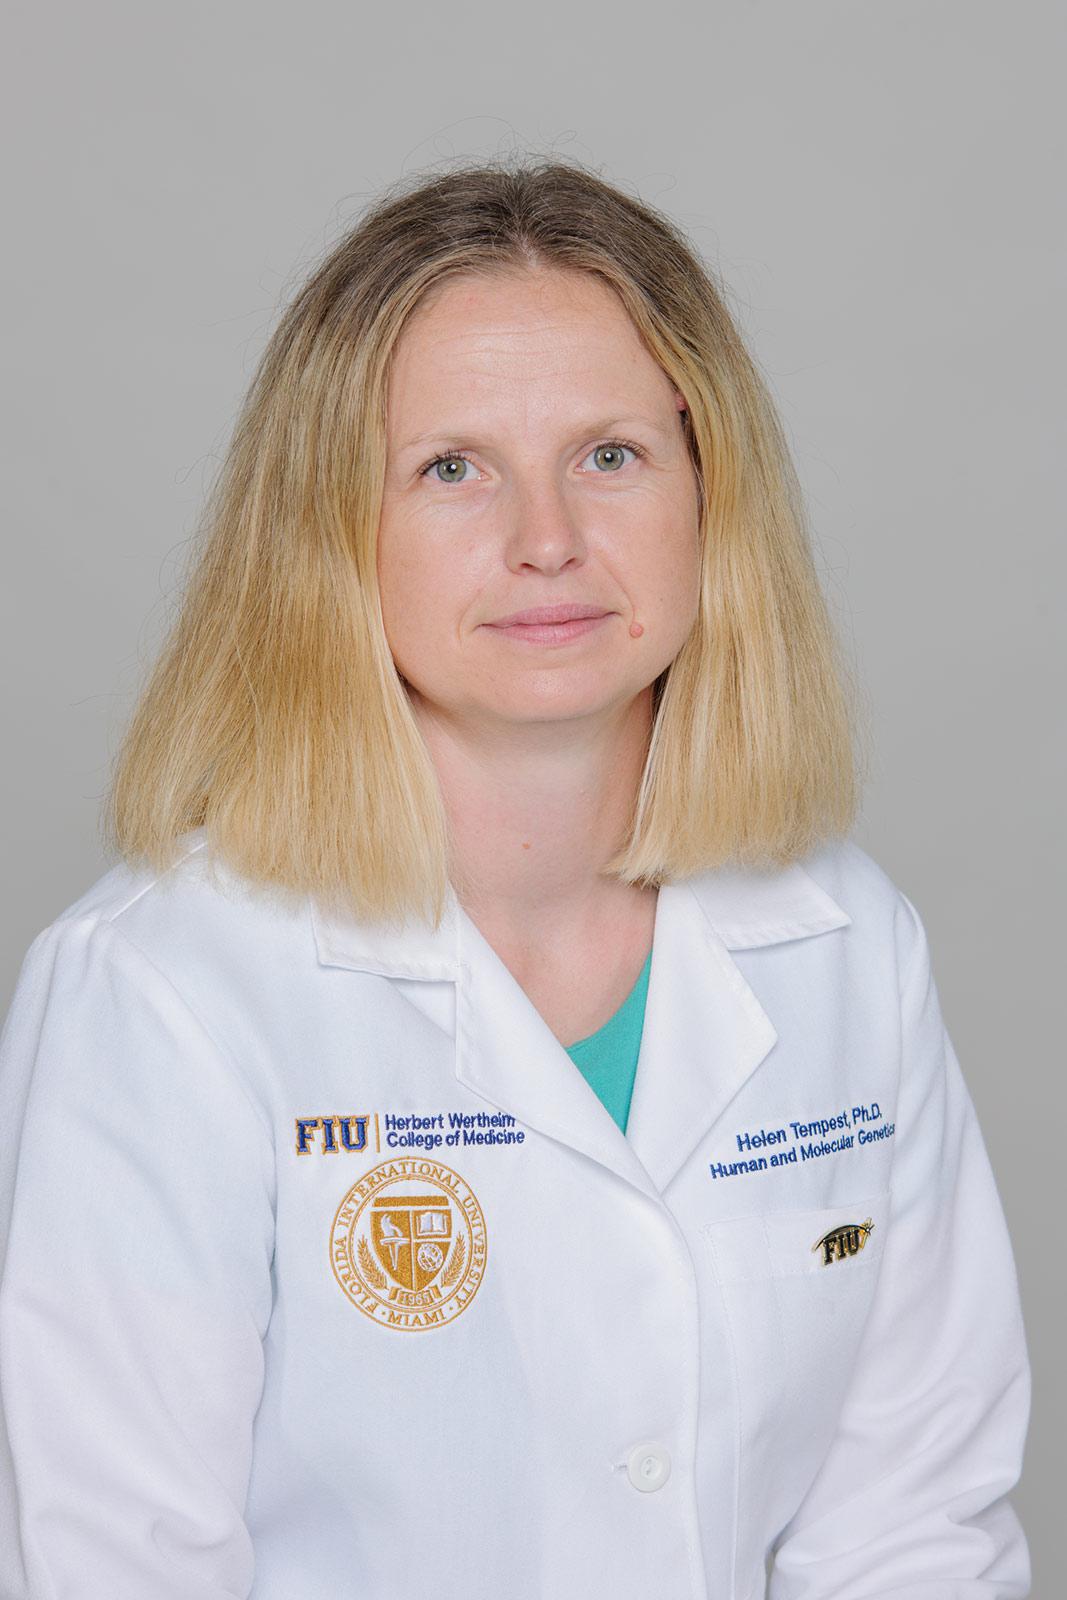 Helen Tempest, Ph.D.